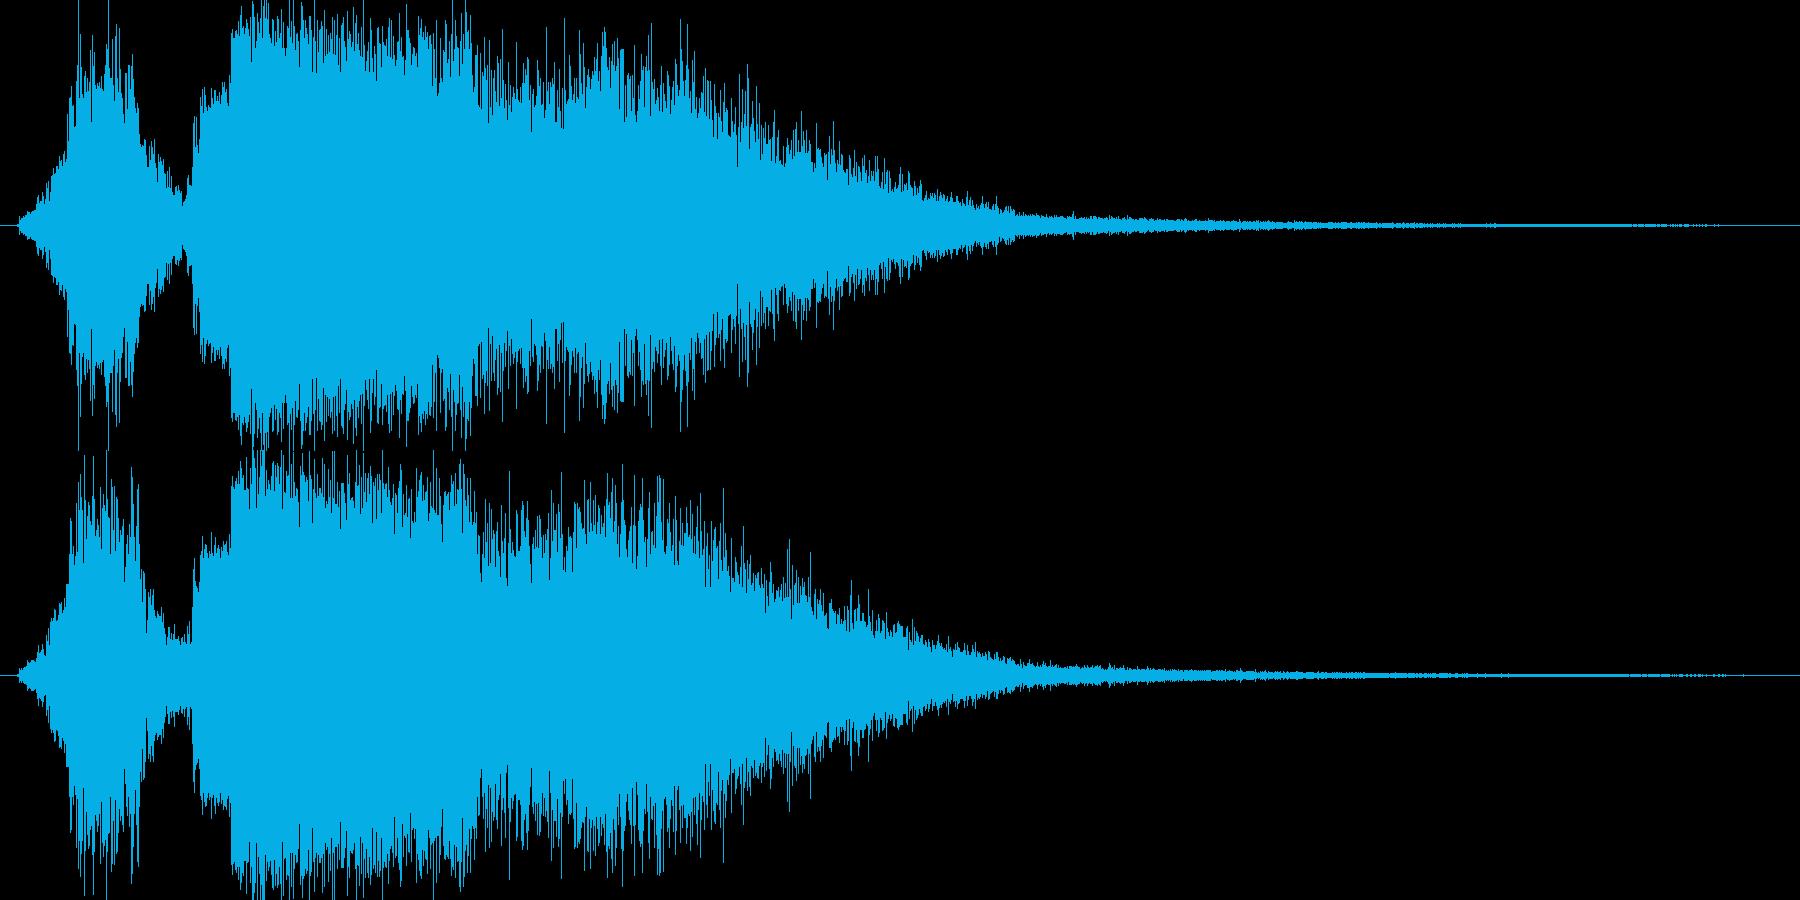 氷魔法(氷のつぶてが直撃)の再生済みの波形